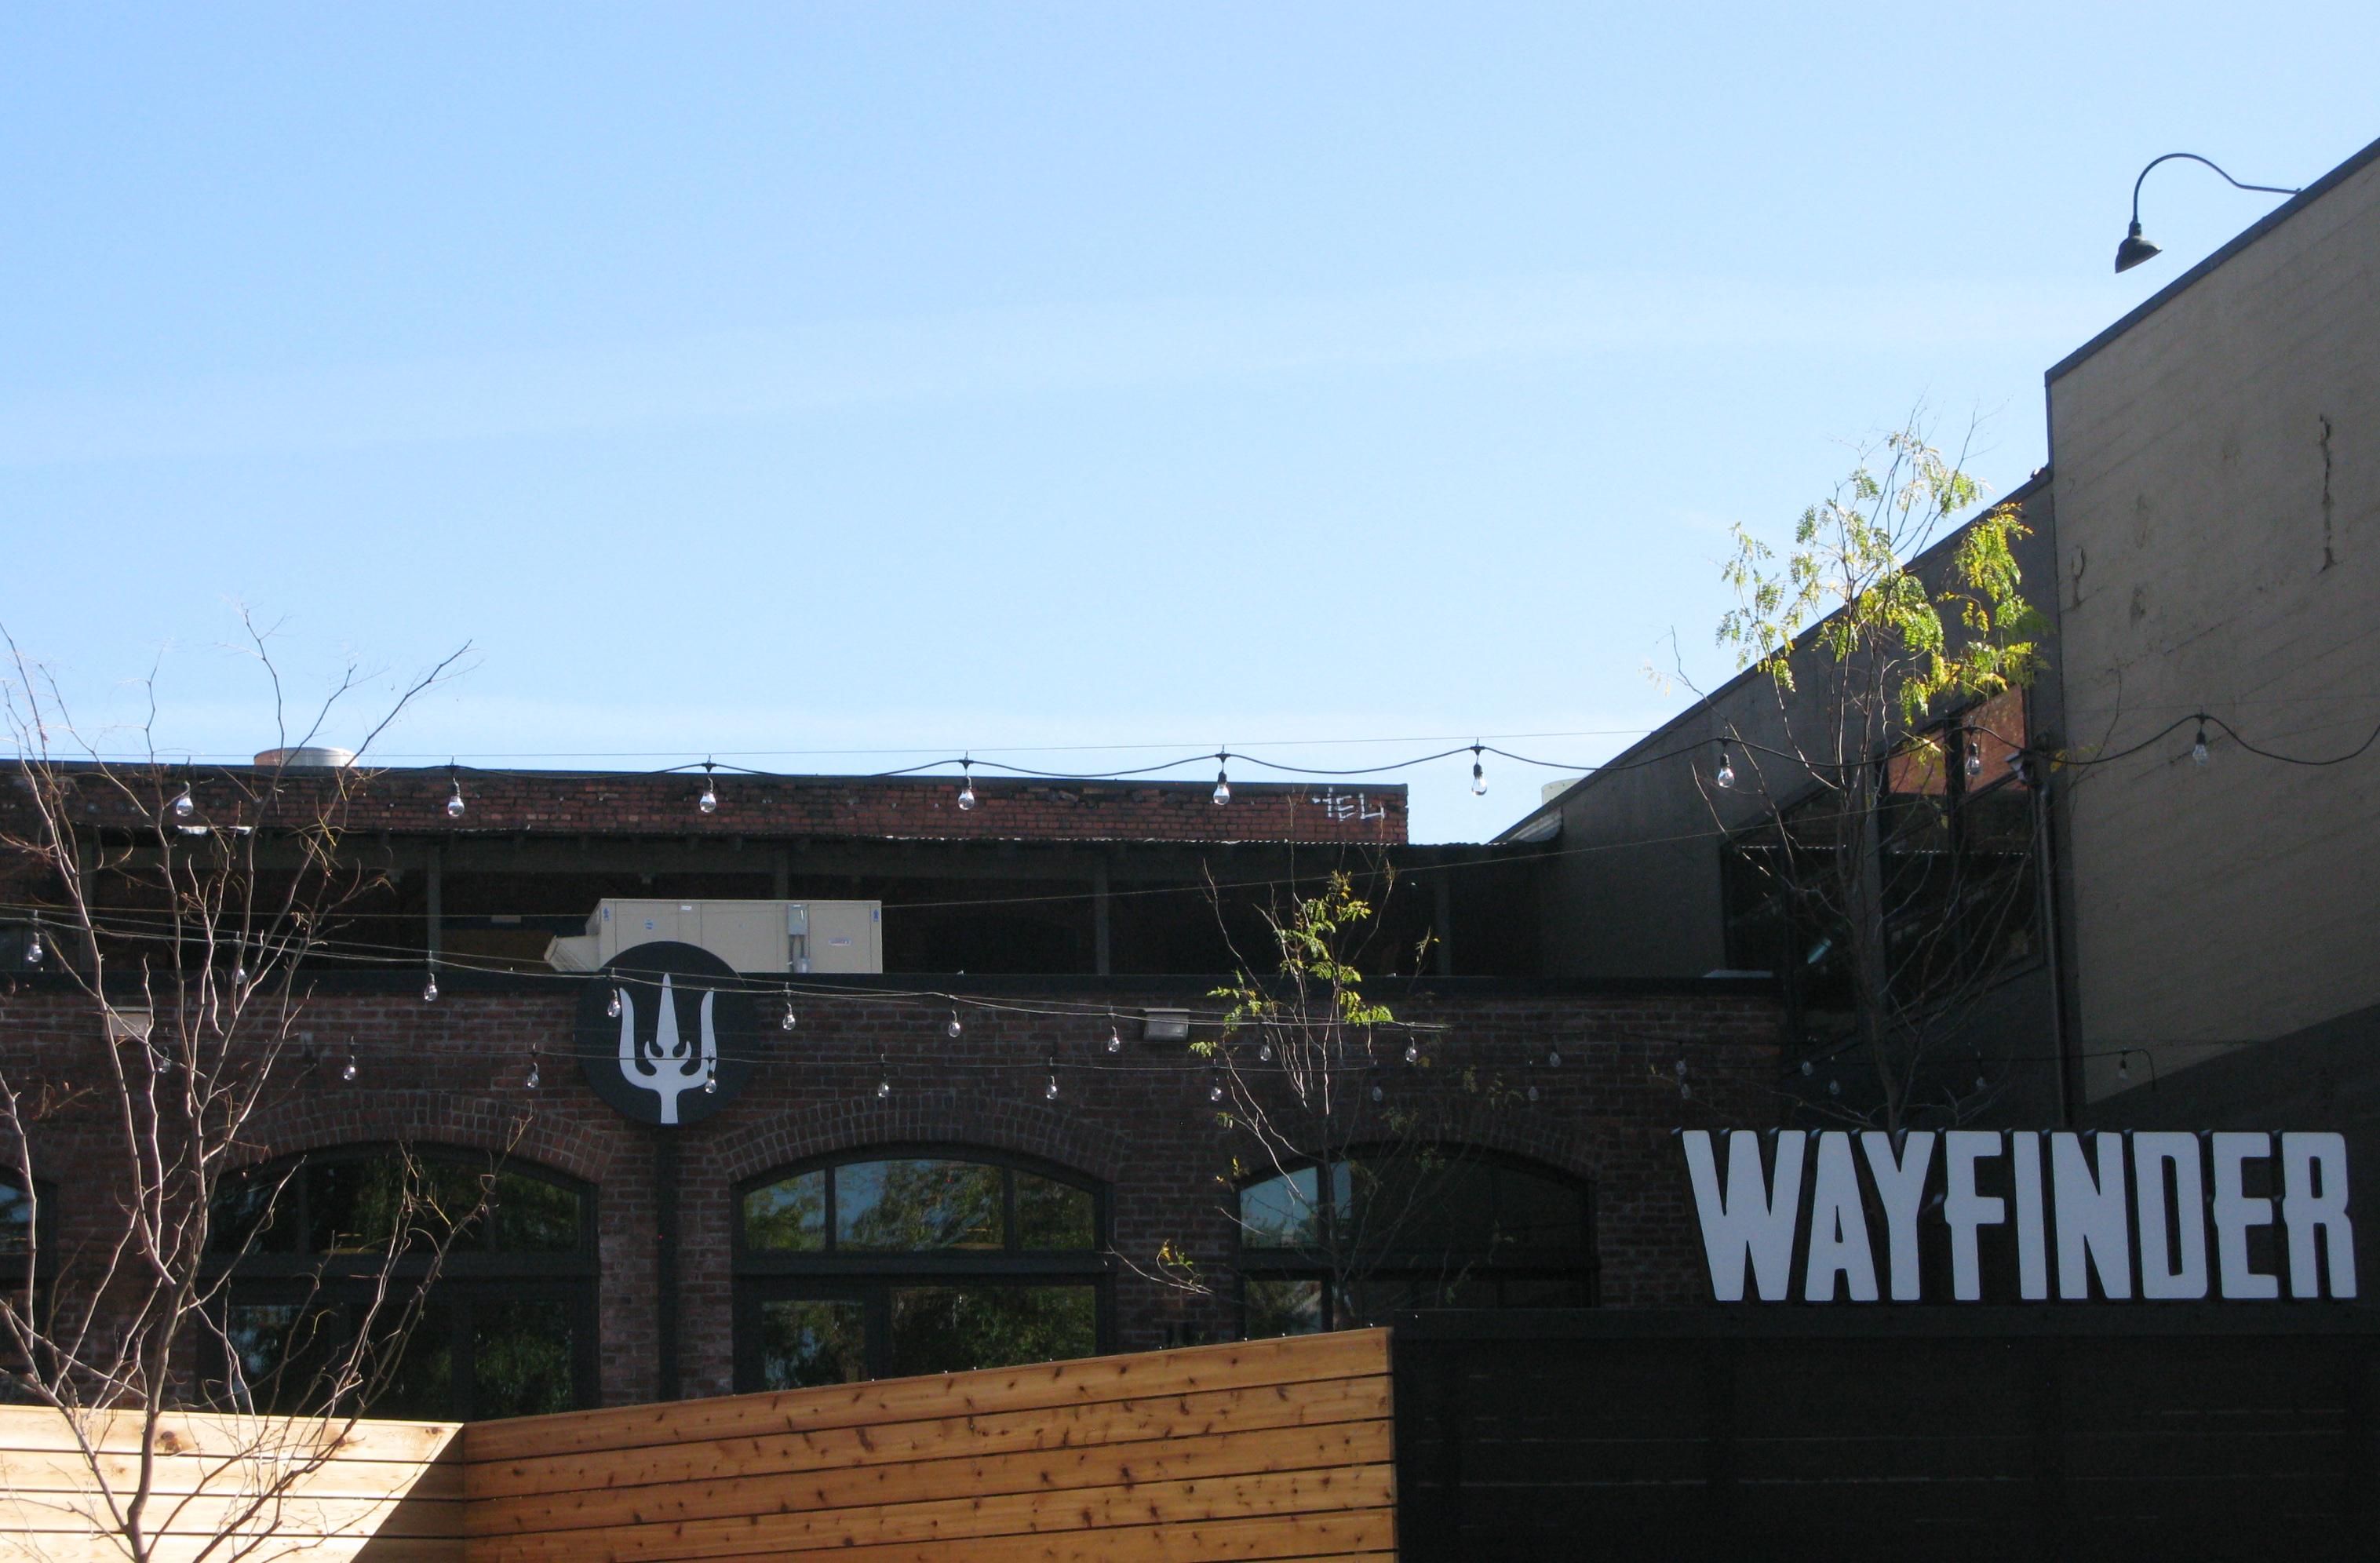 An exterior view of Wayfinder Beer. (FoystonFoto)